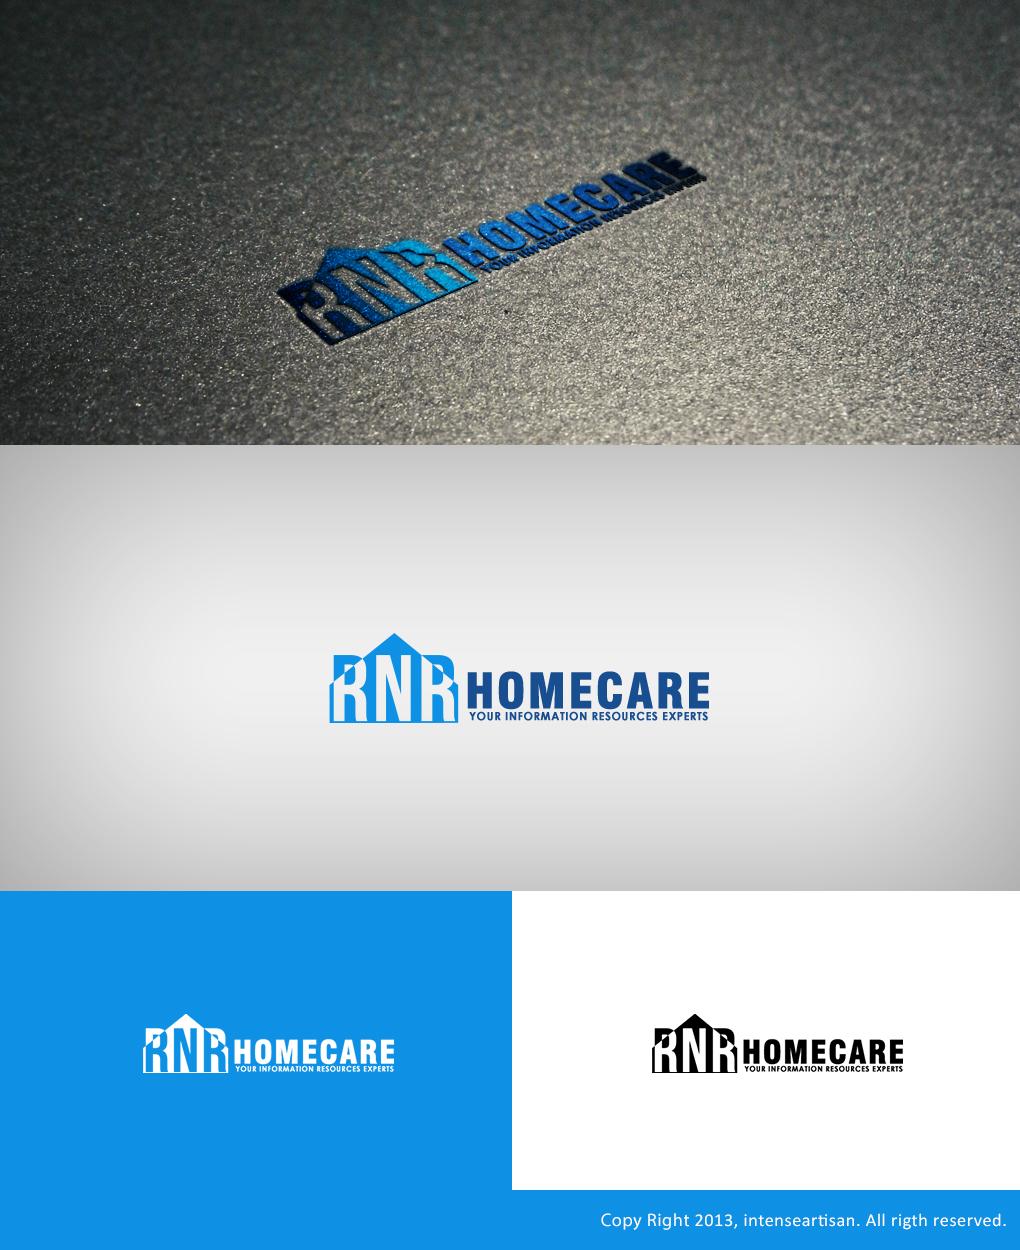 Logo Design by Virgilio Pineda III - Entry No. 121 in the Logo Design Contest Imaginative Logo Design for RNR HomeCare.